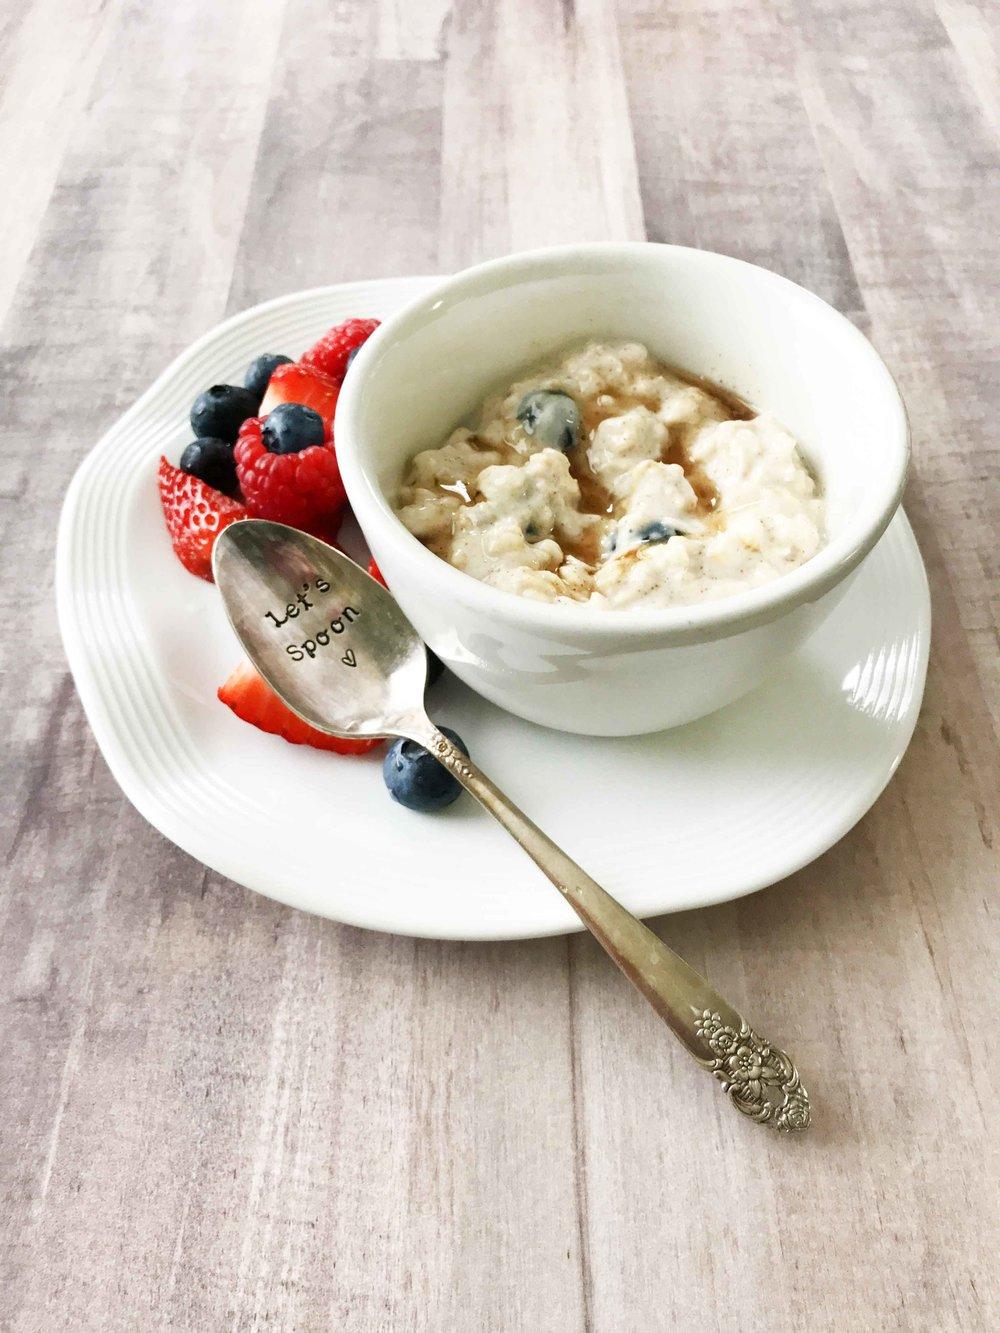 blueberry-muffin-overnight-oats9.jpg